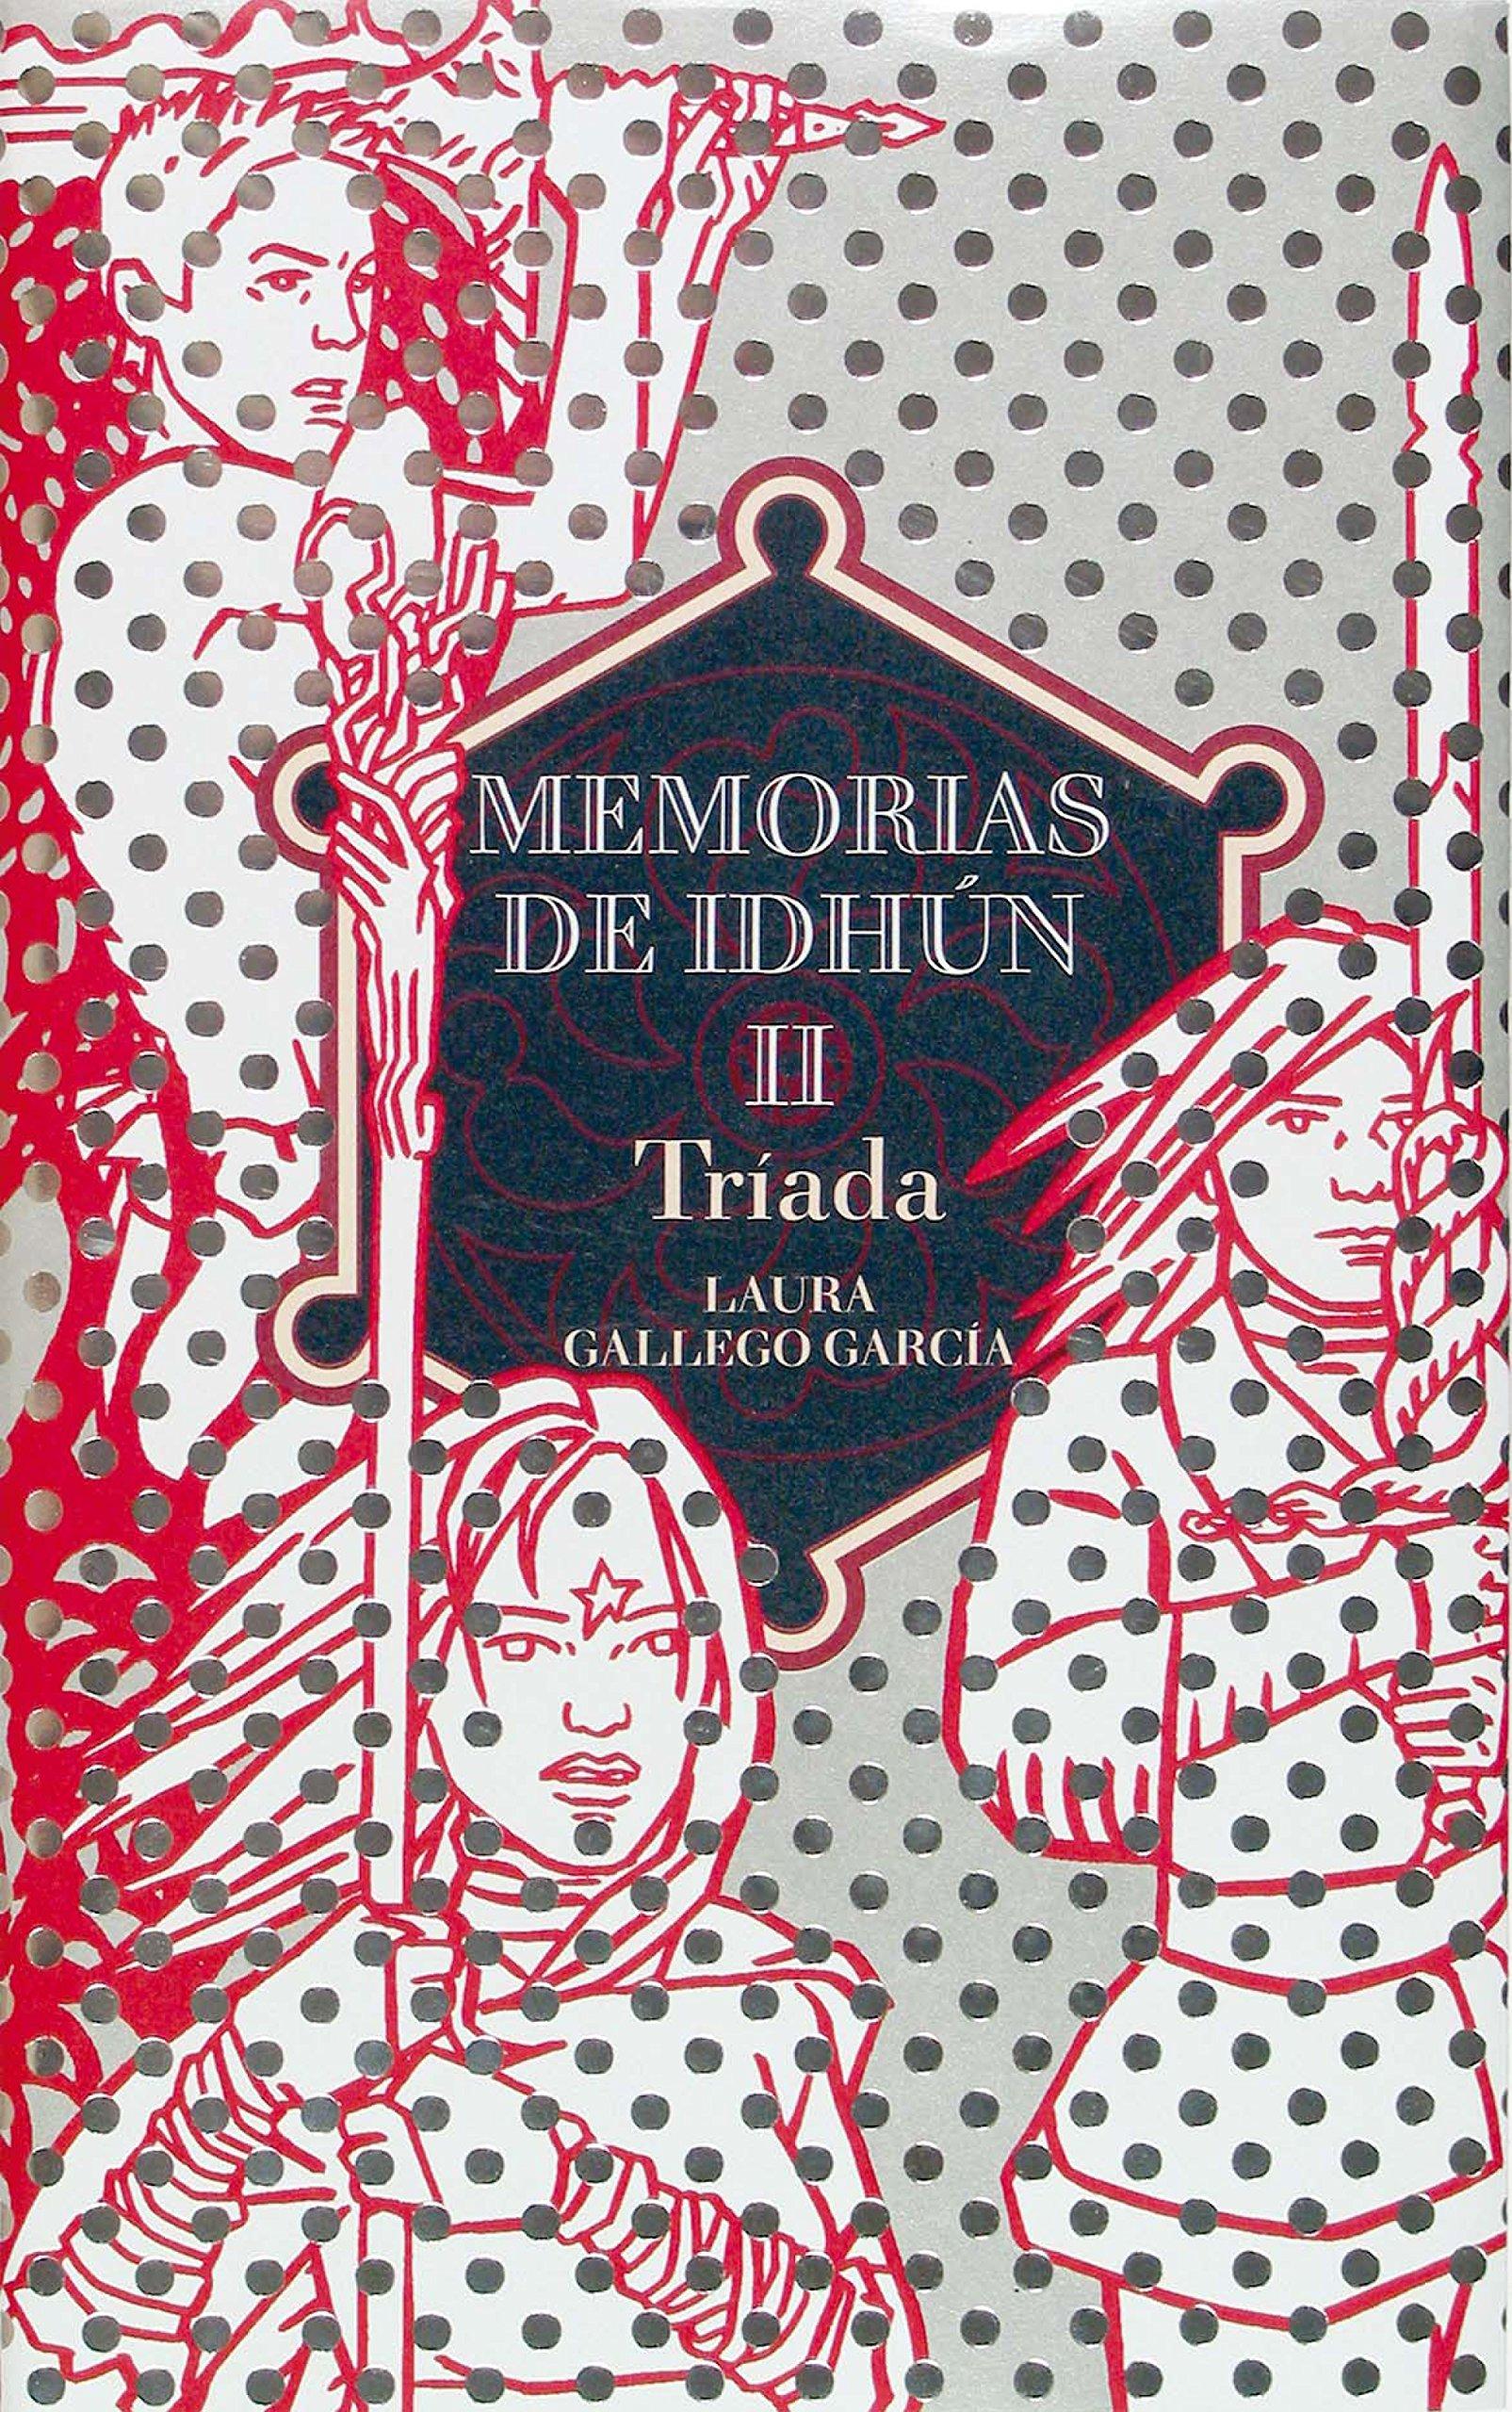 Portada libro - Memorias de Idhun 2 - Tríada